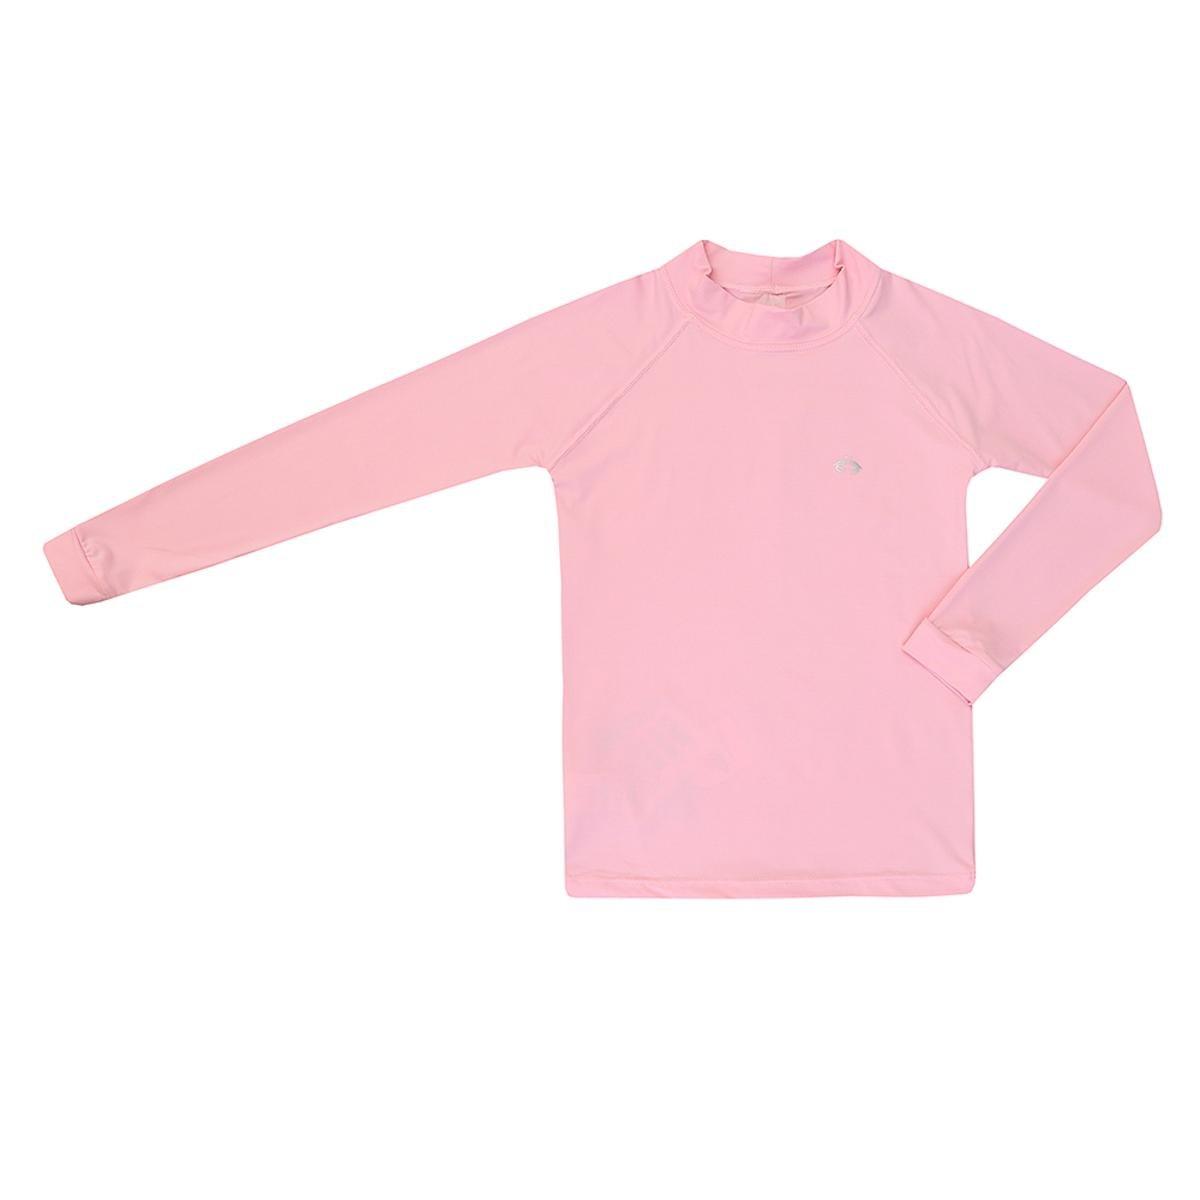 Camiseta Kids Proteção UV 50+ Siri Feminina - Rosa - Compre Agora ... 712ecbef272